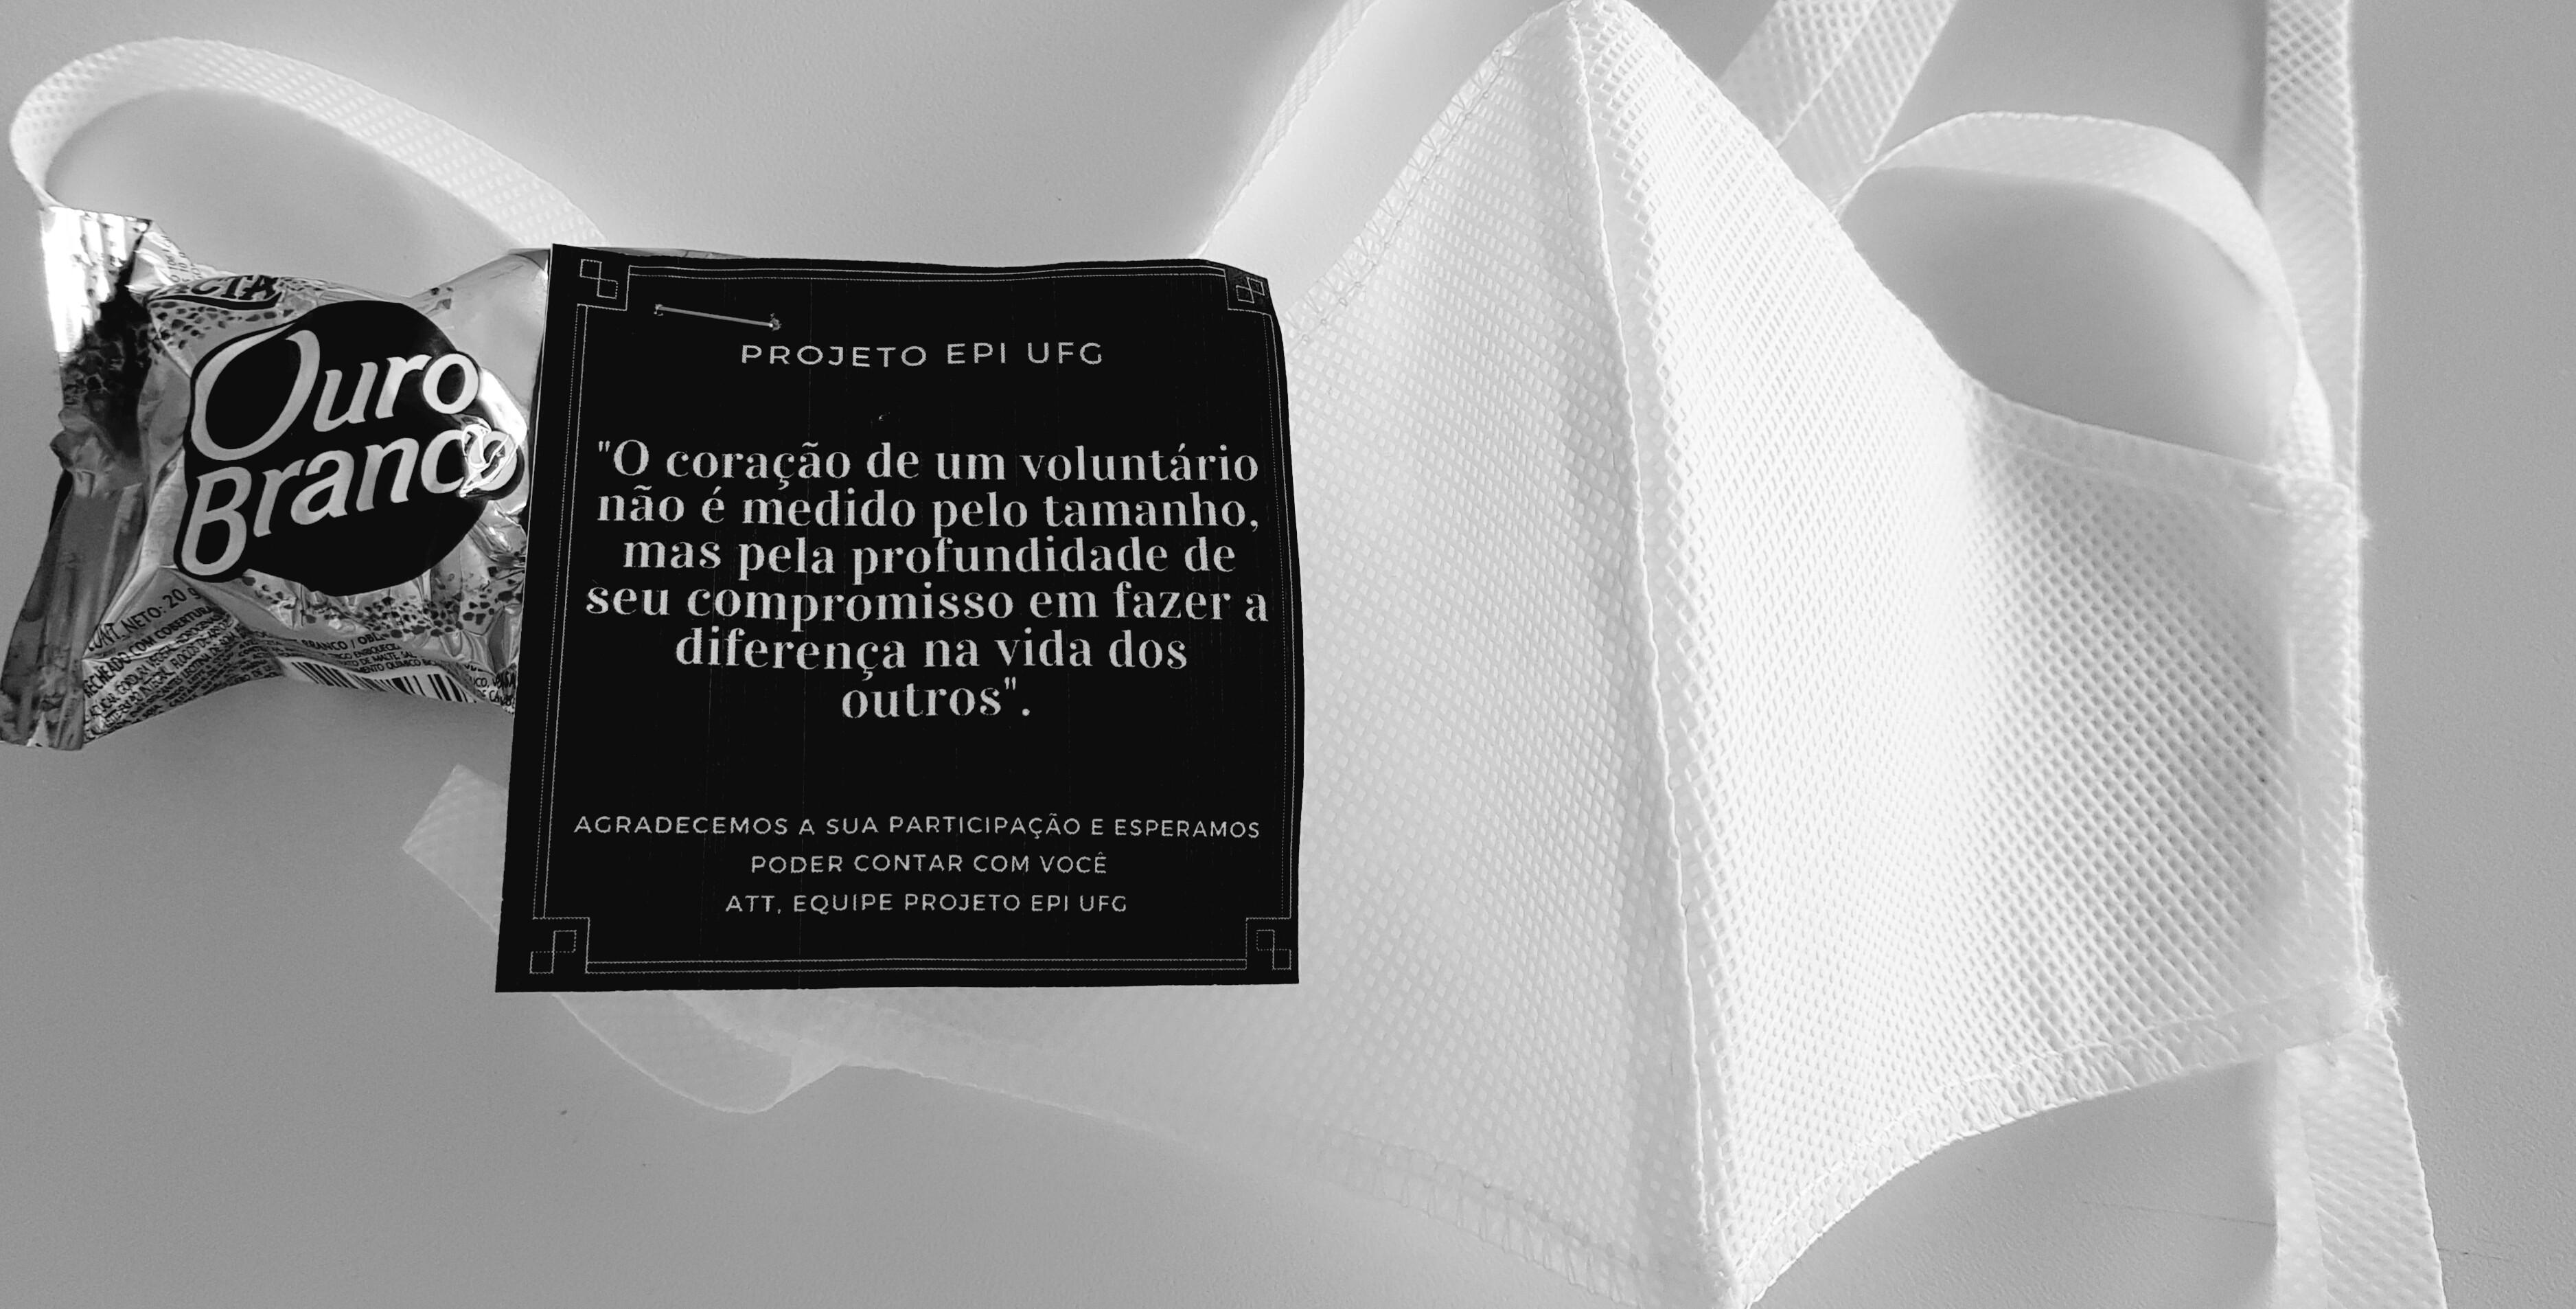 Fotos Projetos EPI Tatiana Fiuza